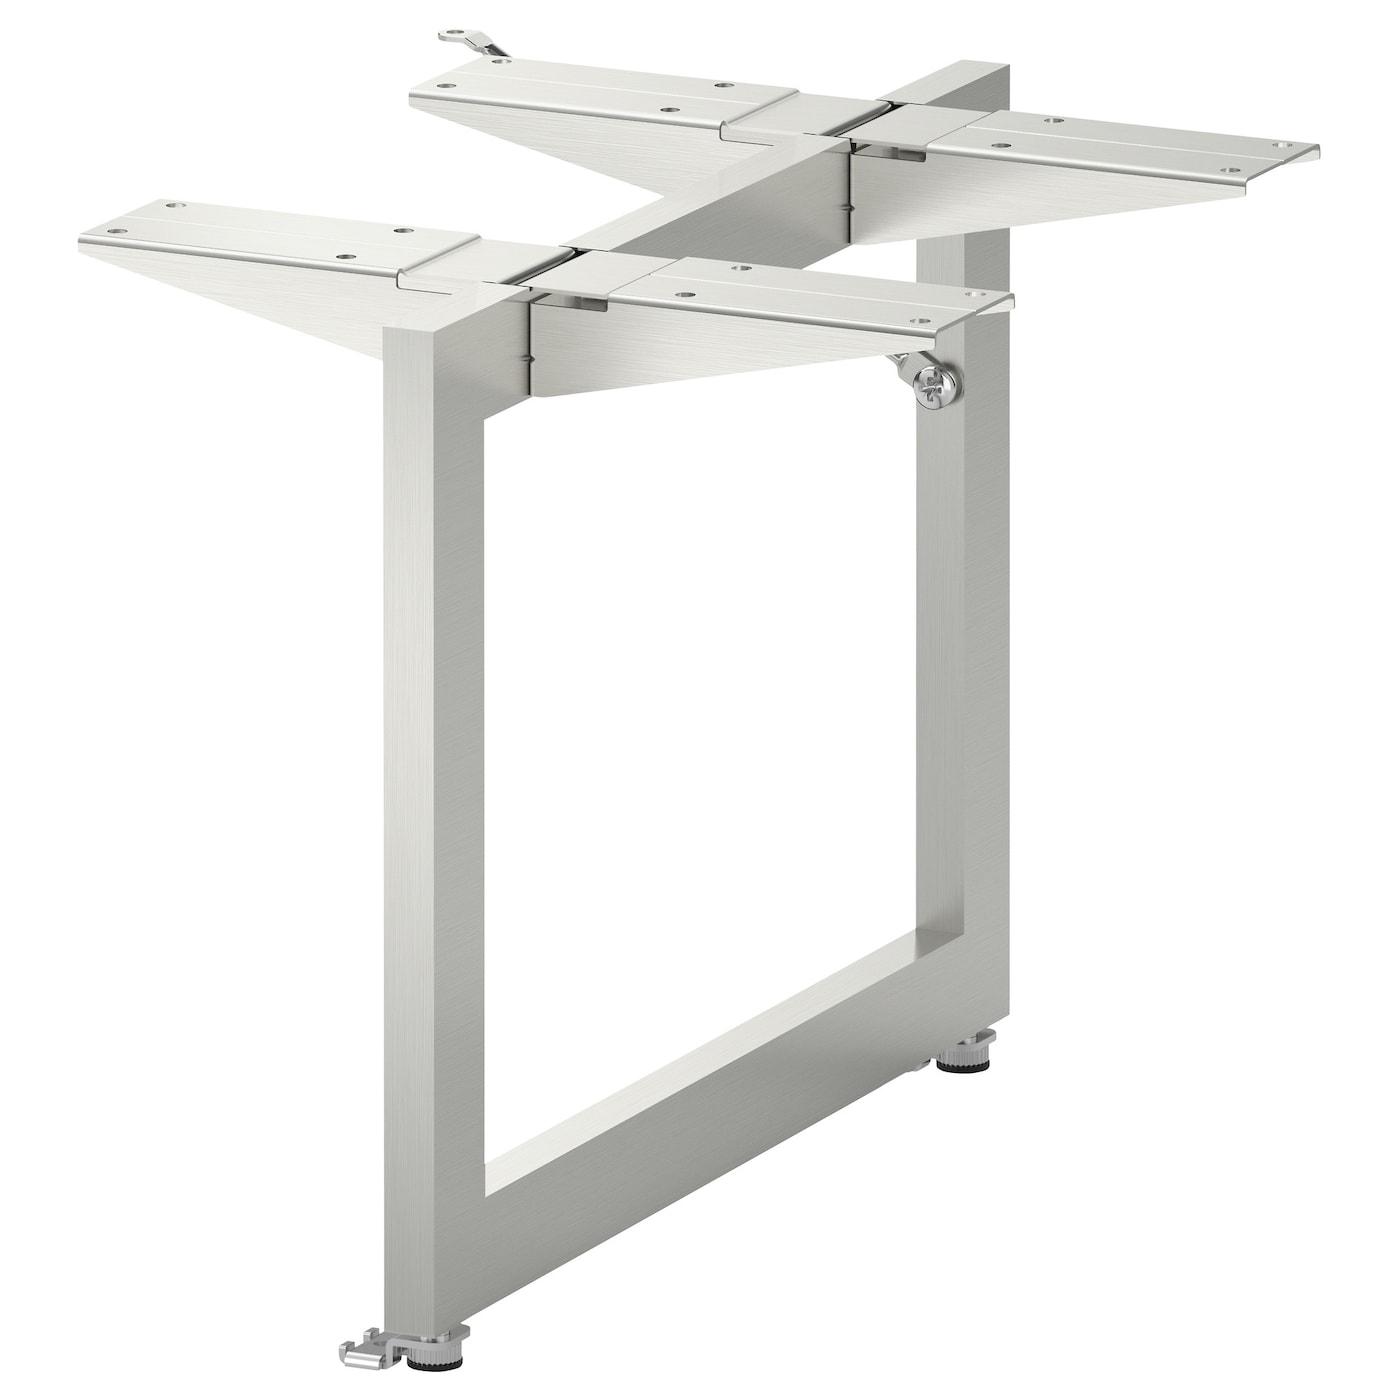 limhamn-pied-de-soutien-acier-inoxydable__0192338_pe346951_s5 Incroyable De Table Basse Ikea Avec Tiroir Concept